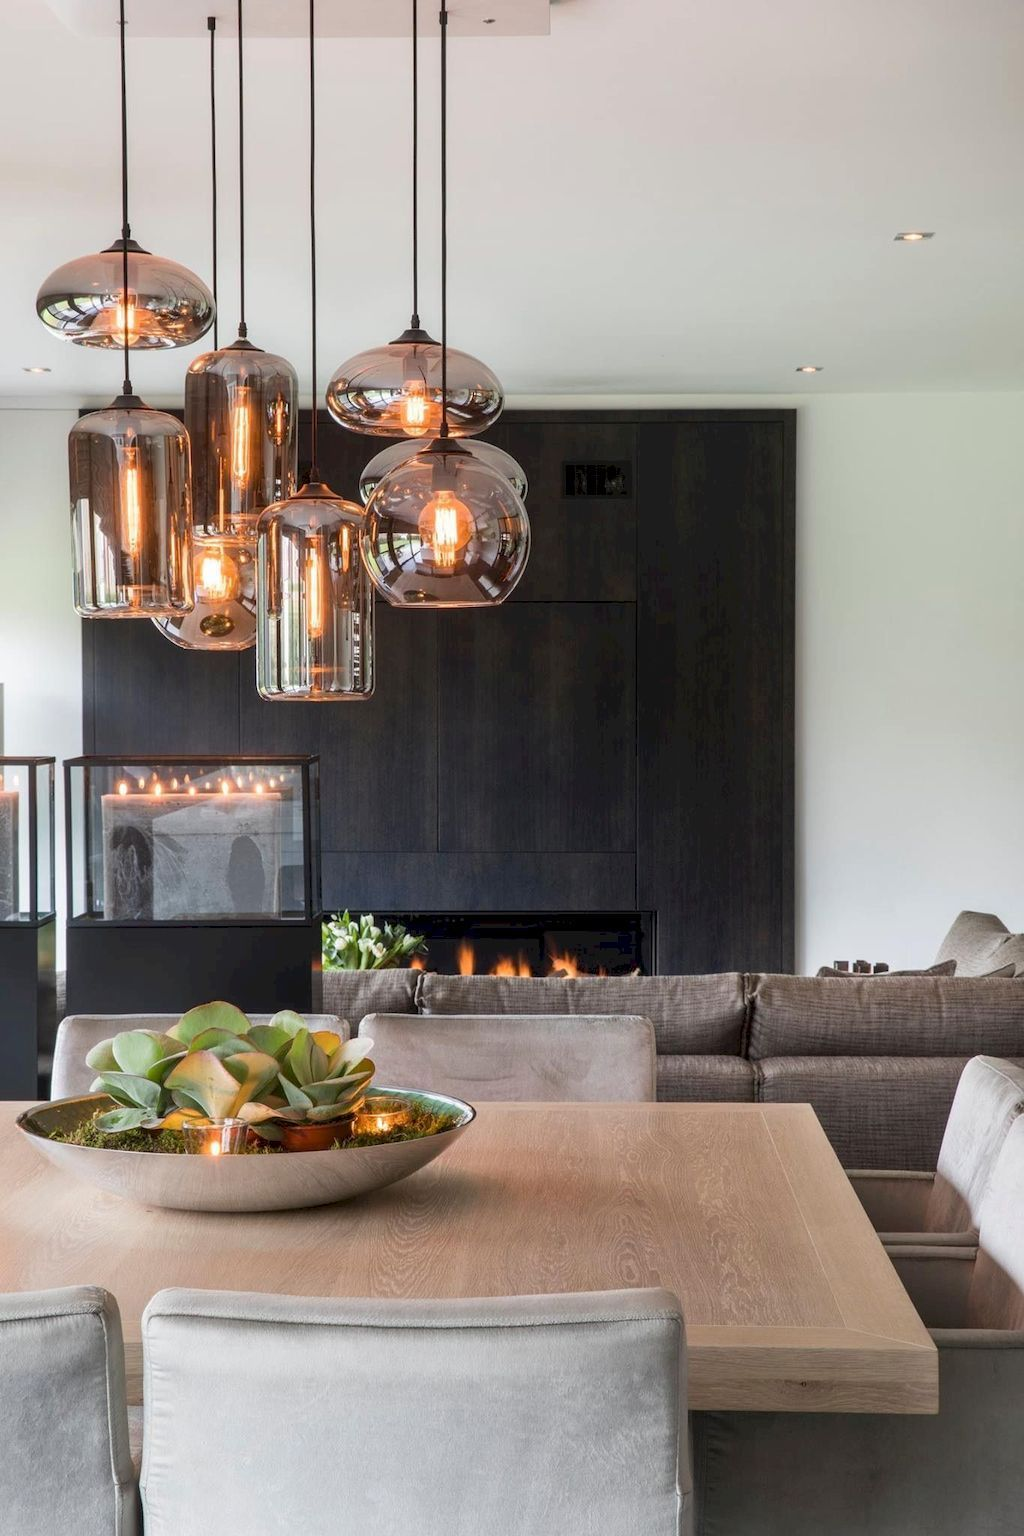 Awesome 80 Genius Small Dining Room Design Ideas homemainly.com/...